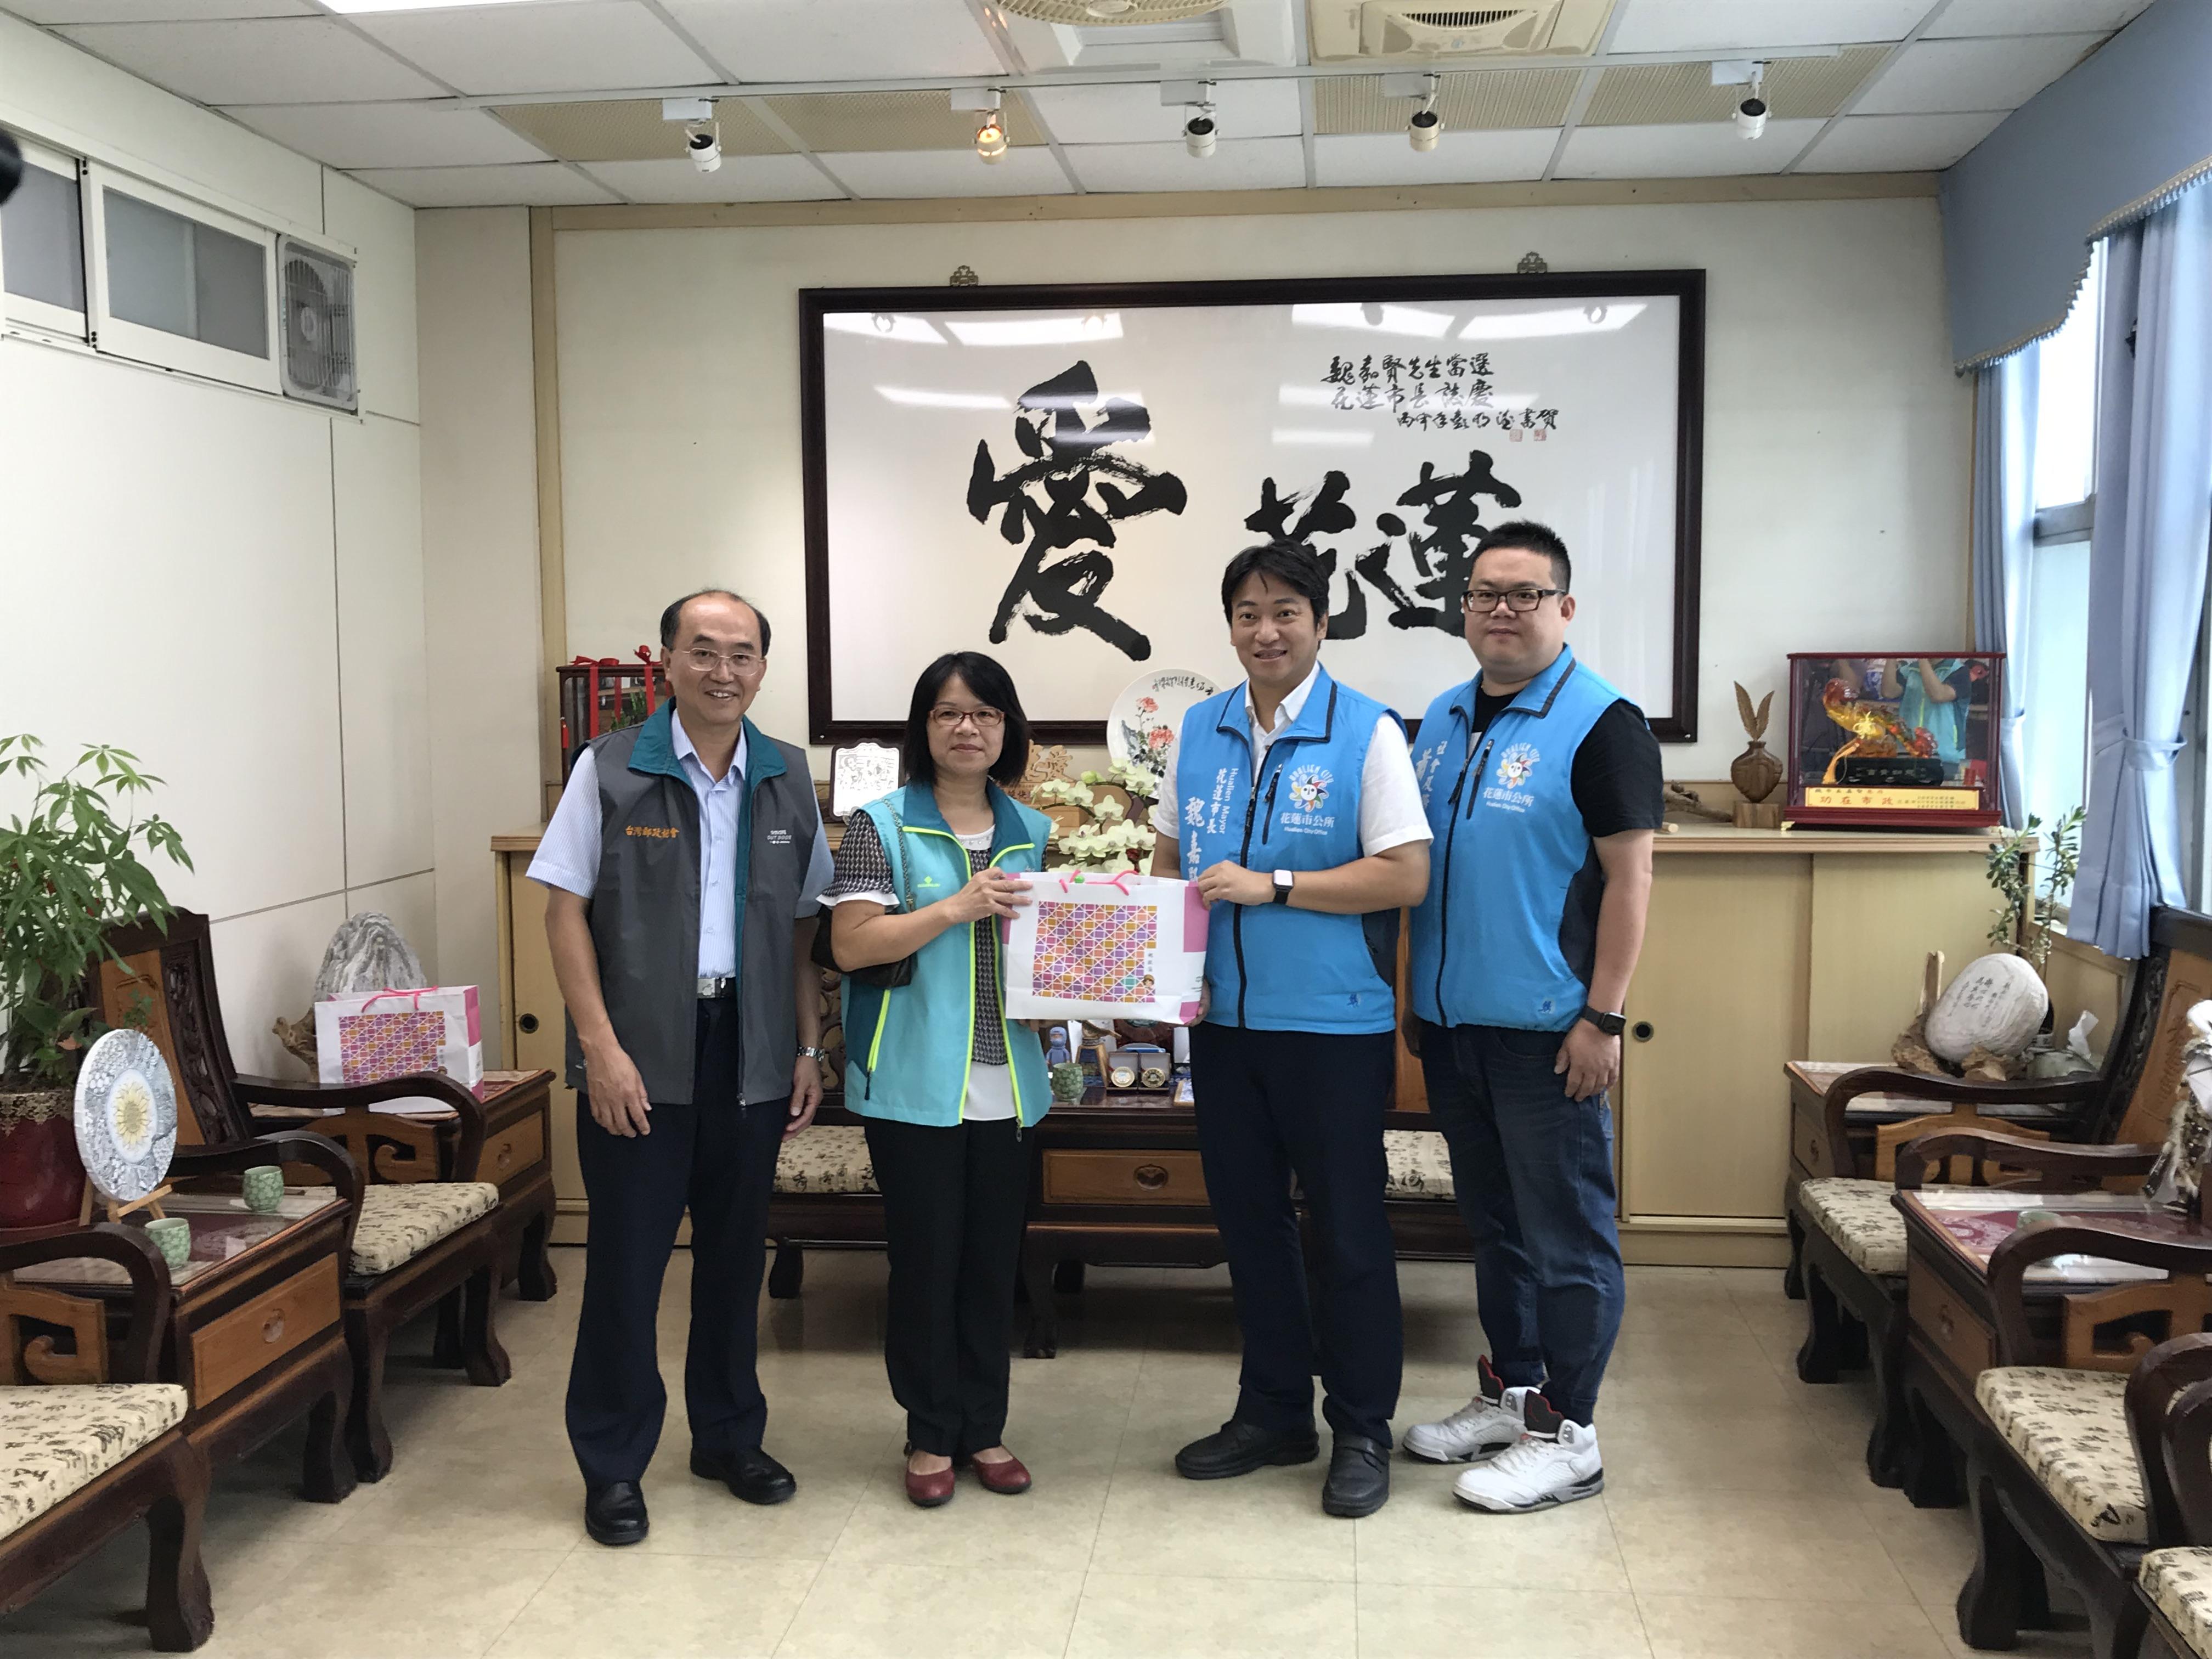 108年9月10日花蓮市公所捐贈儀式